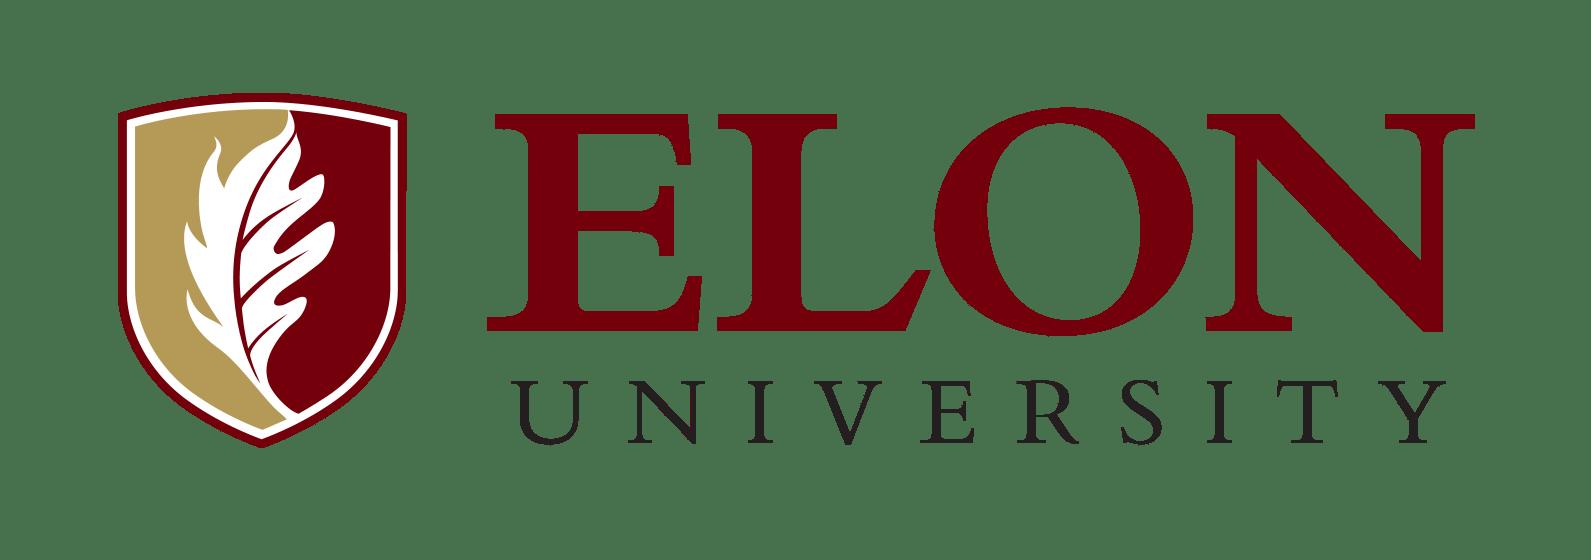 Elon University